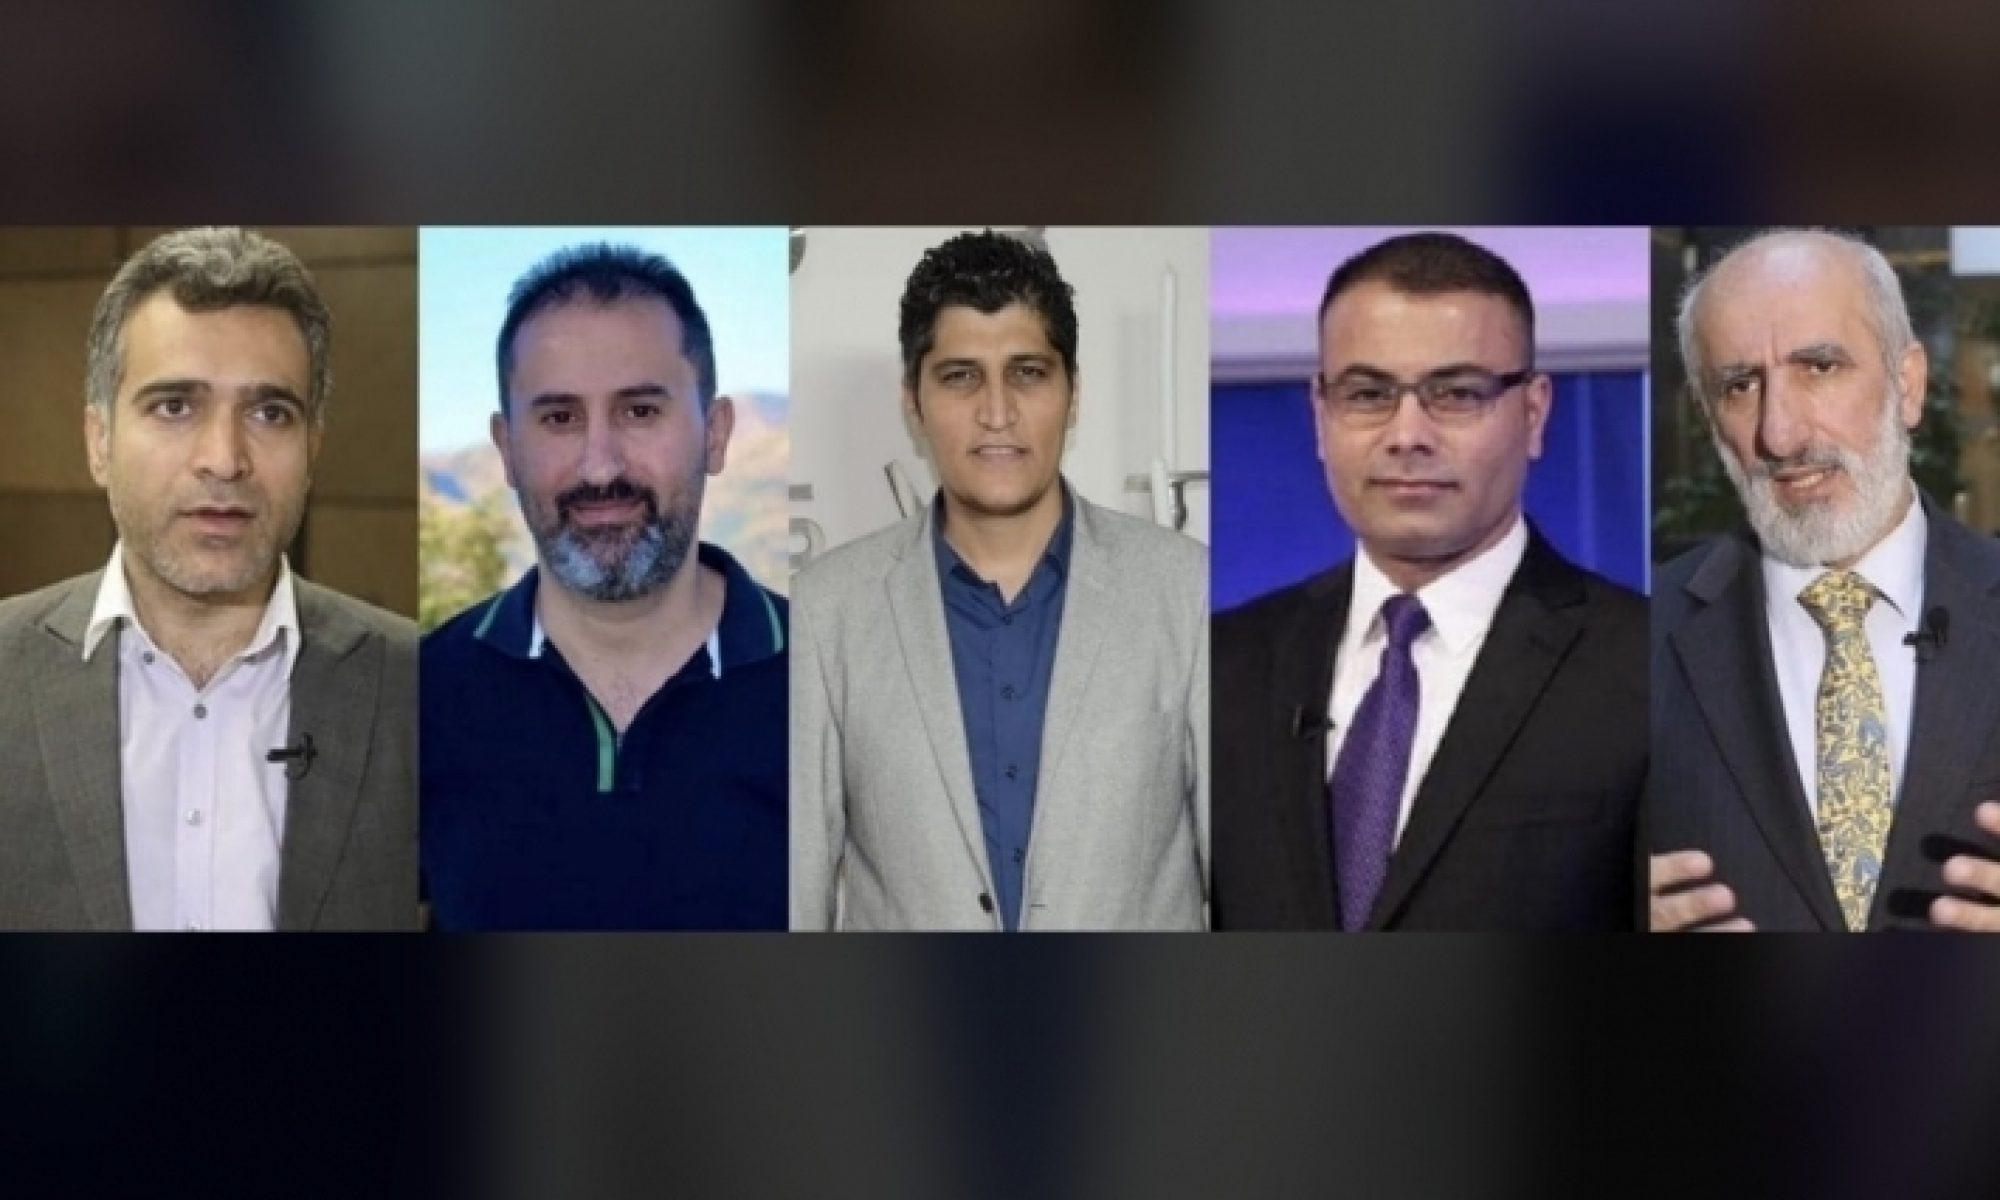 Süleymaniyeli yazar Cehferi: Bazı Kürt parlamenterler Kürdistan Bölgesi Hükümetine karşıtlık yapıyor